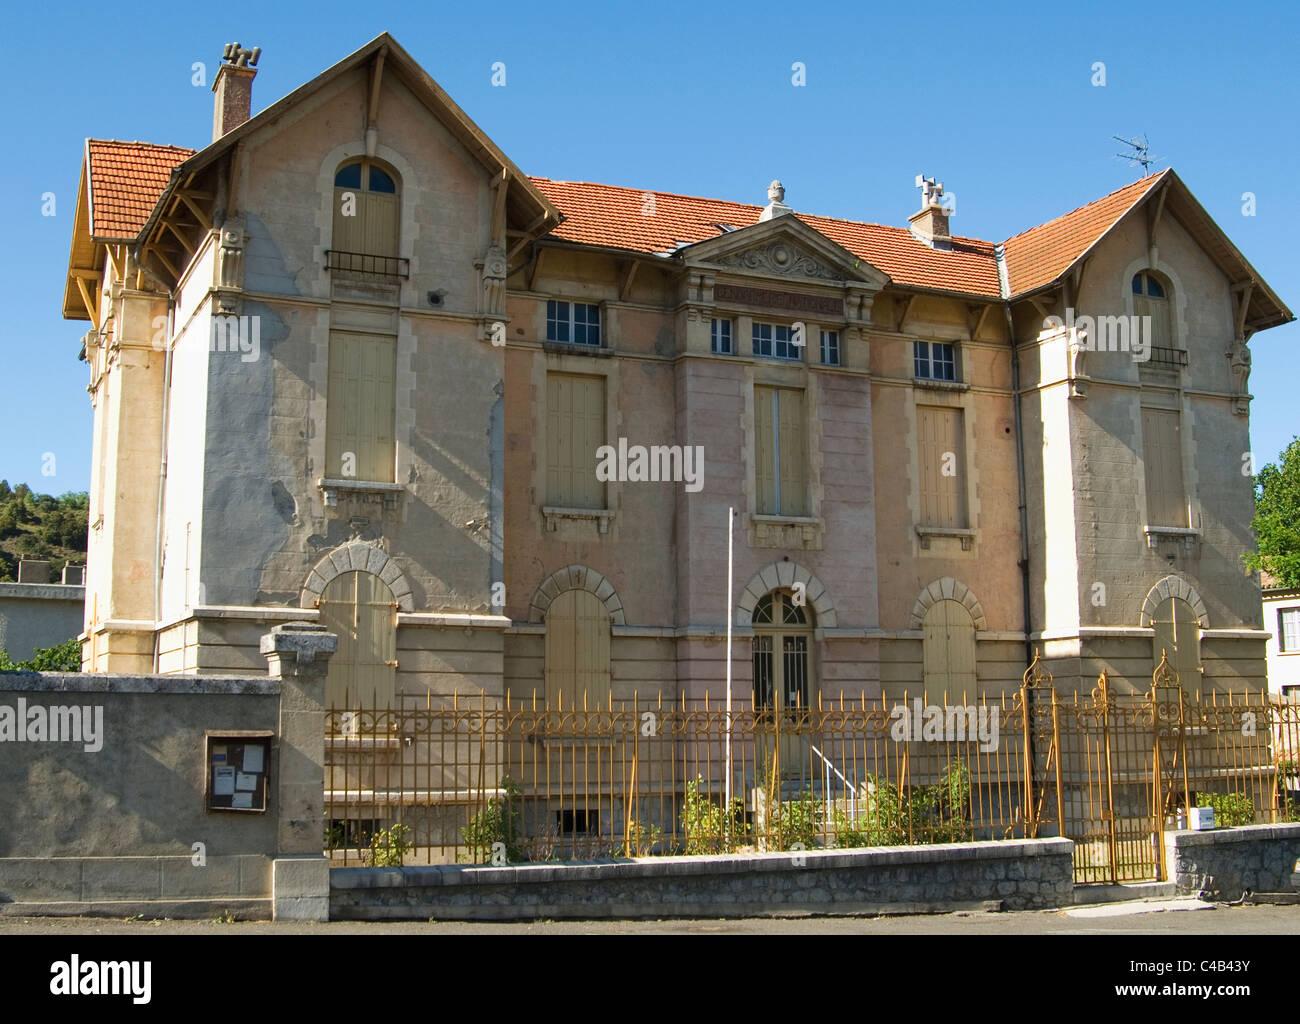 Old police station (gendarmerie), rural France - Stock Image